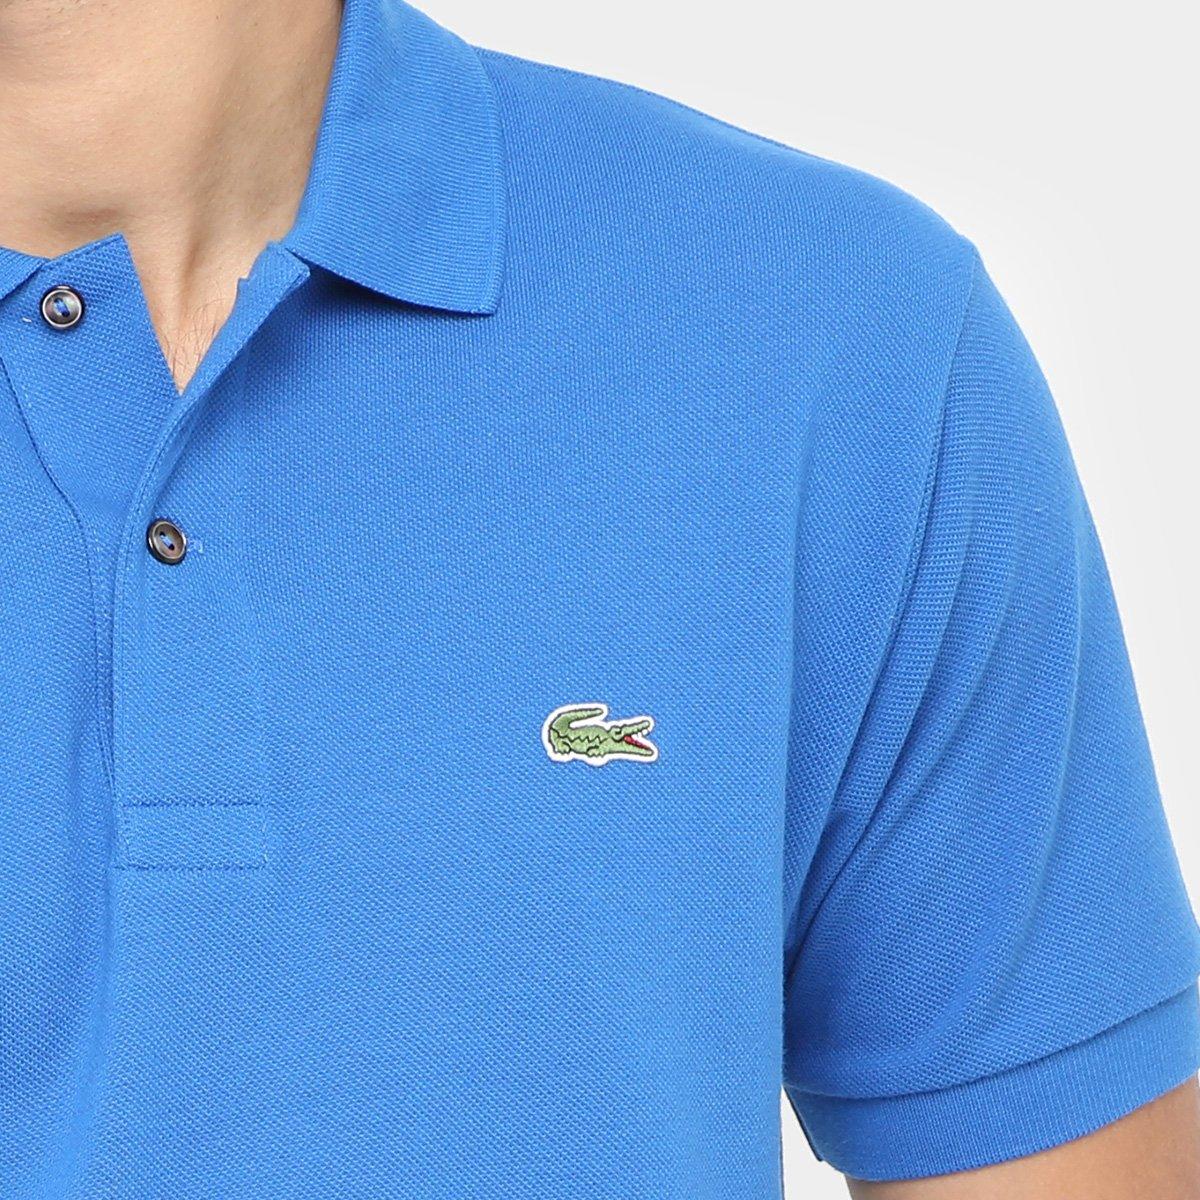 29ccda5dfa79a Camisa Polo Lacoste Piquet Original Fit Masculina - Azul Royal ...